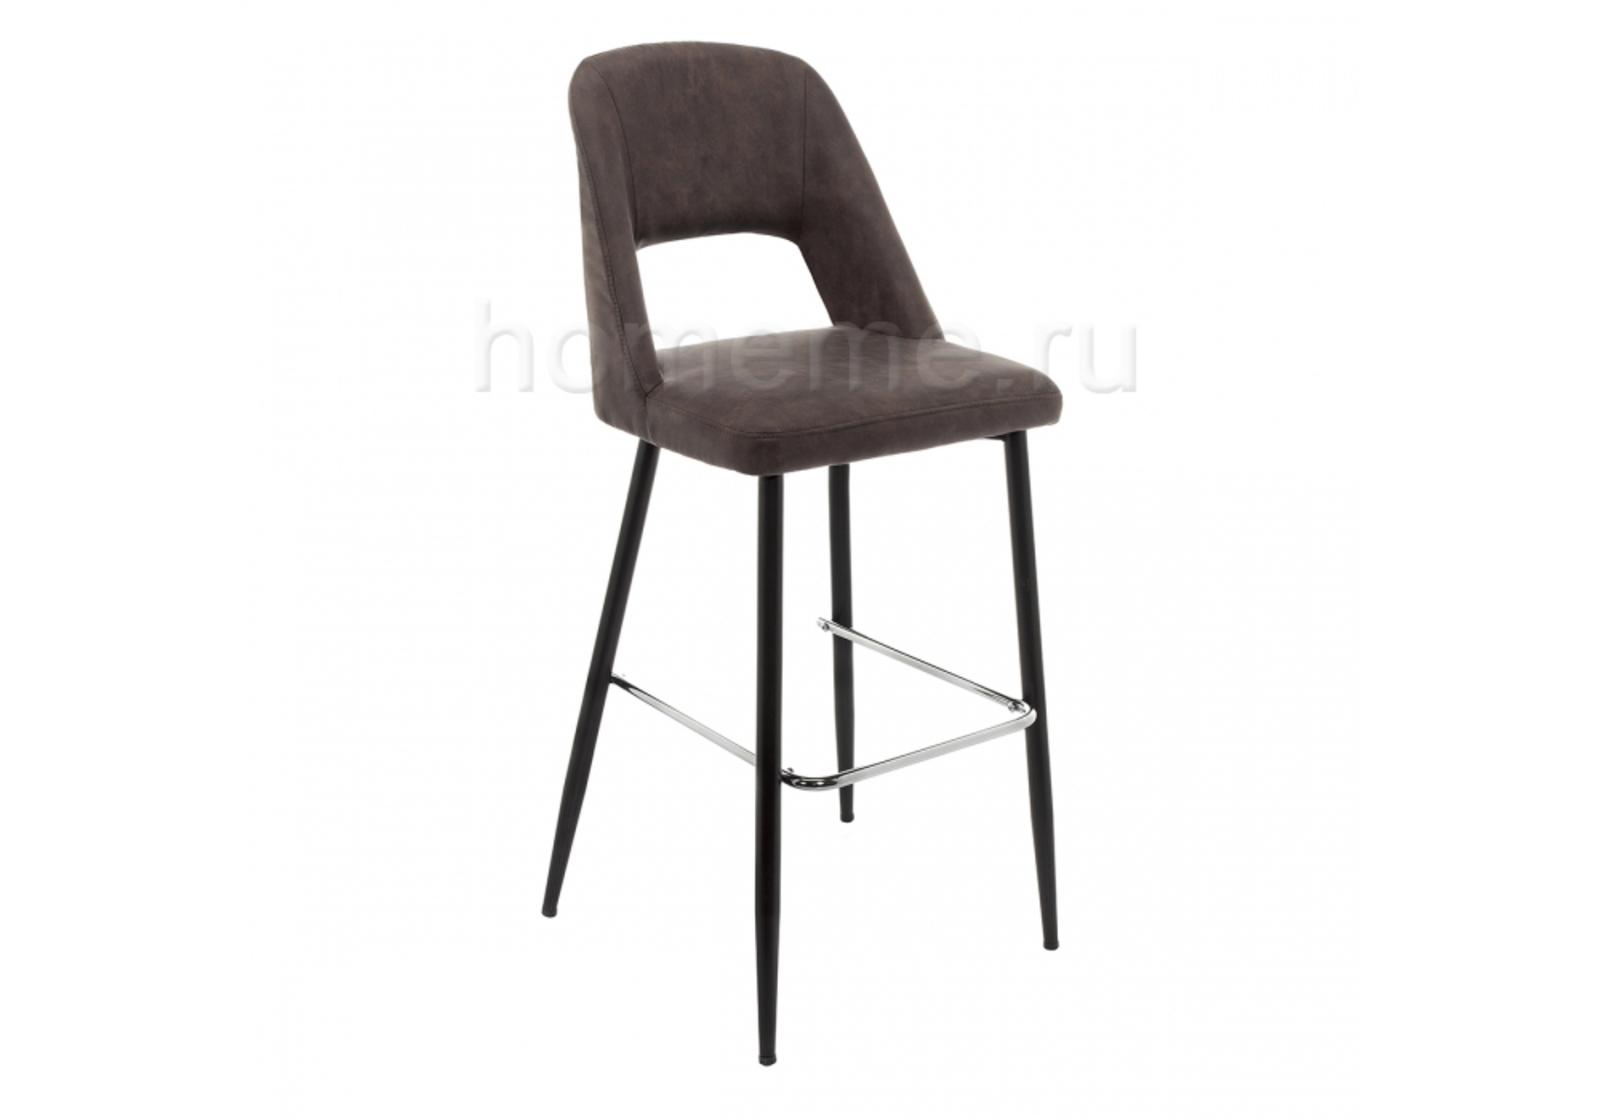 Барный стул Lido серый 11362 Lido серый 11362 (17554)